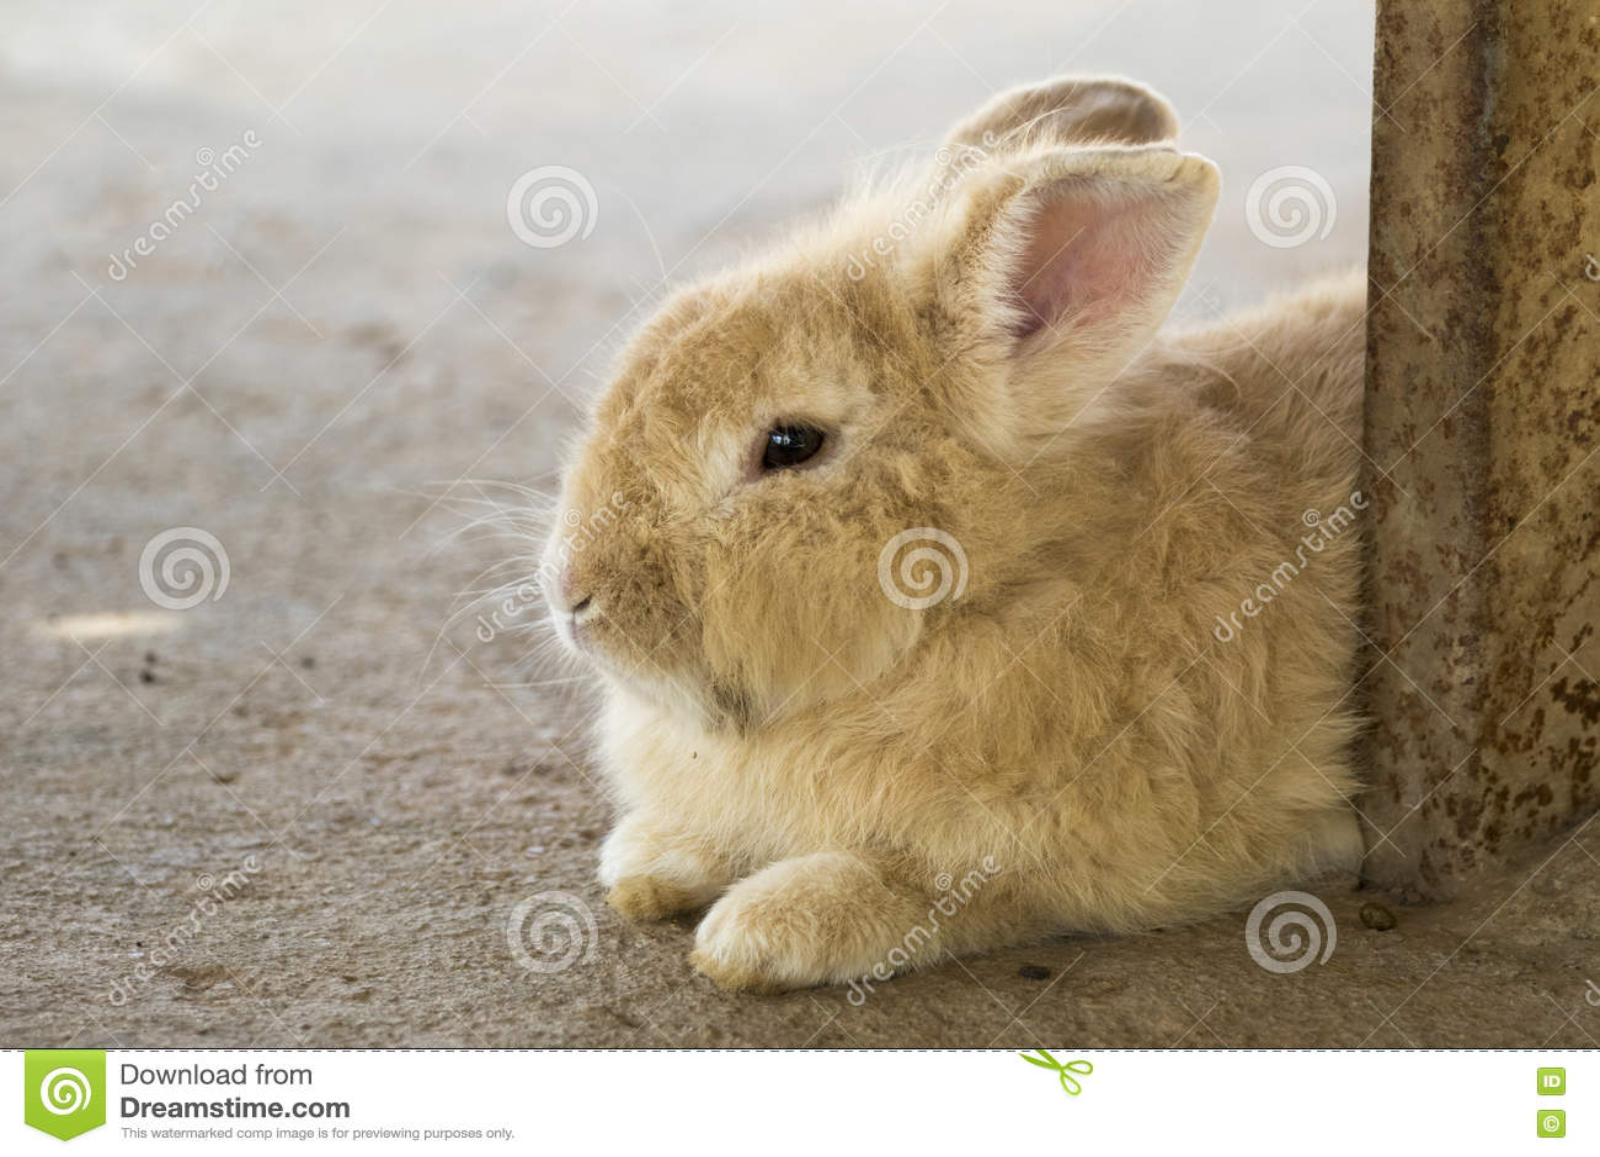 Imagen de un conejo marrón